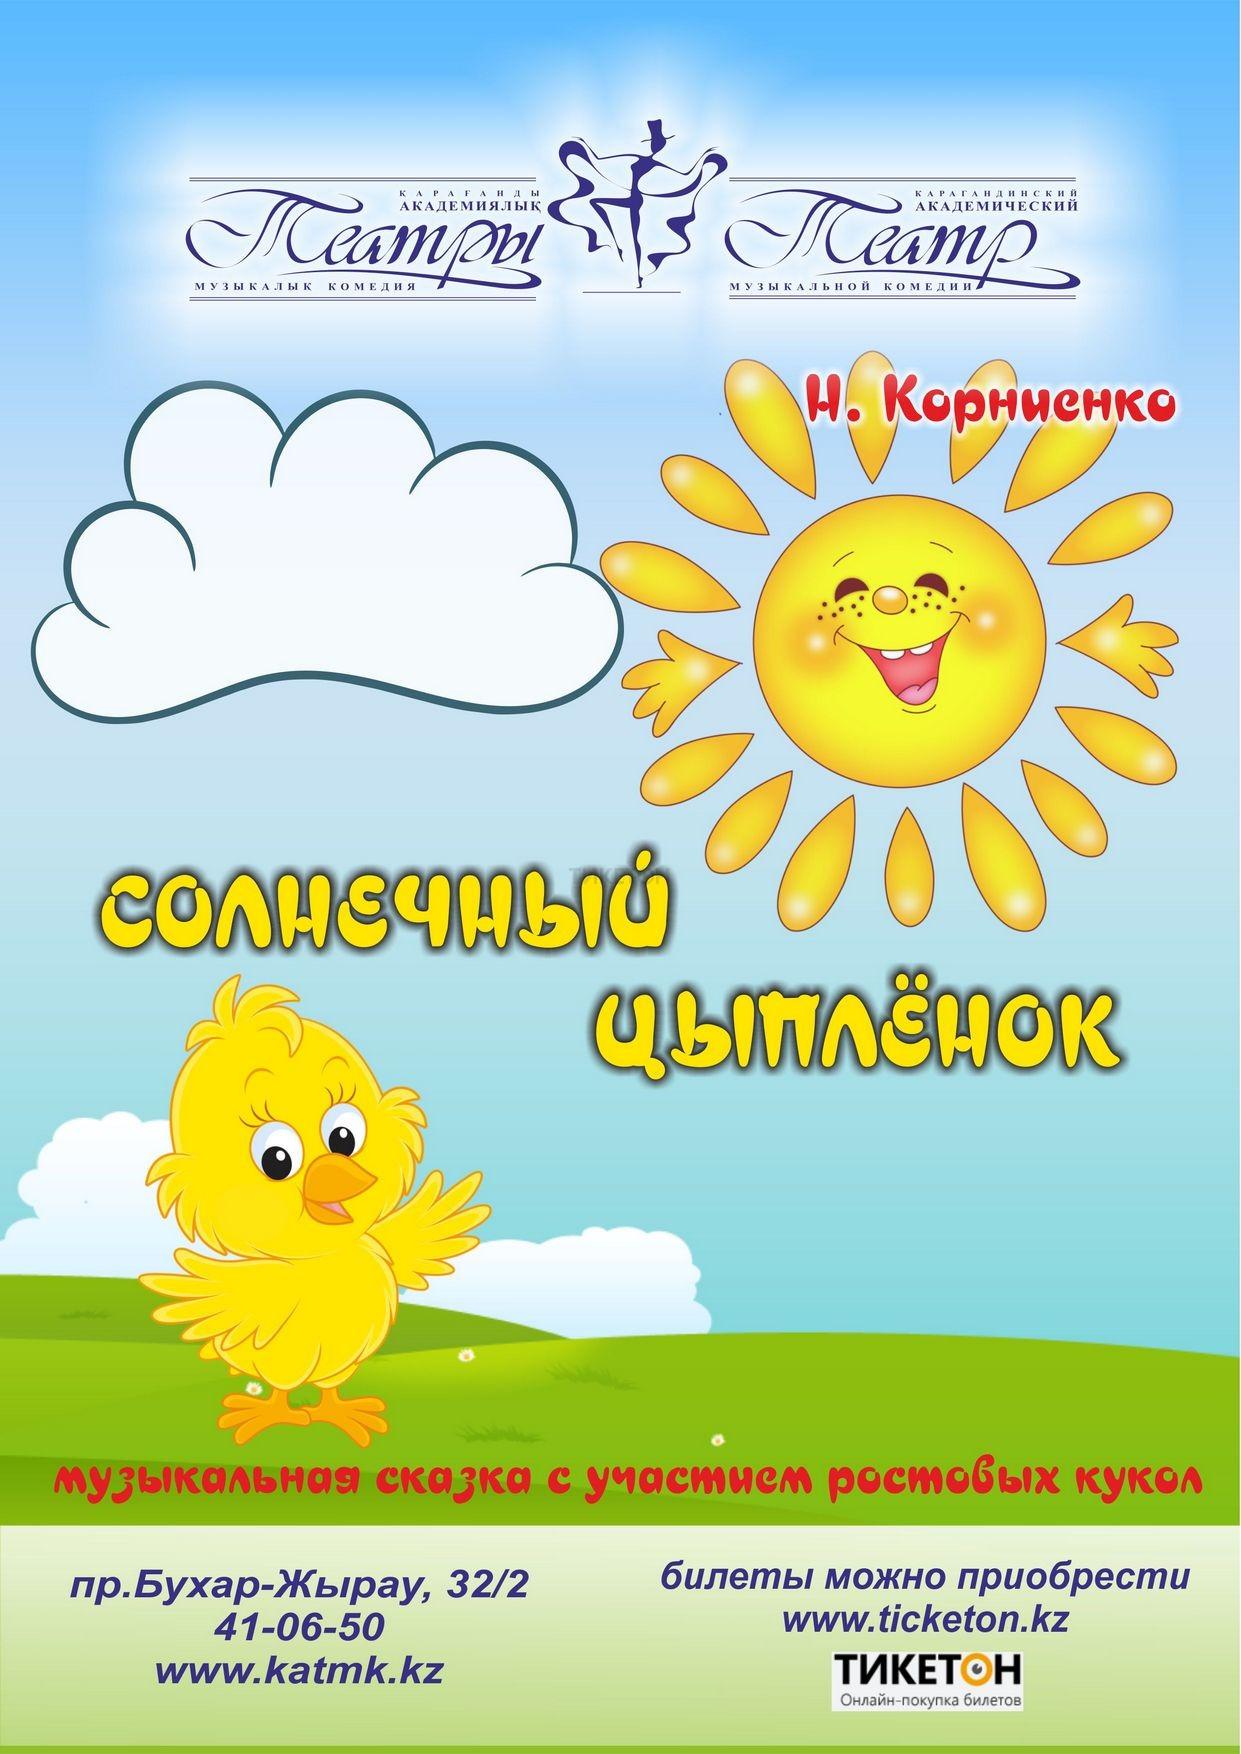 Солнечный цыпленок (КАТМК)